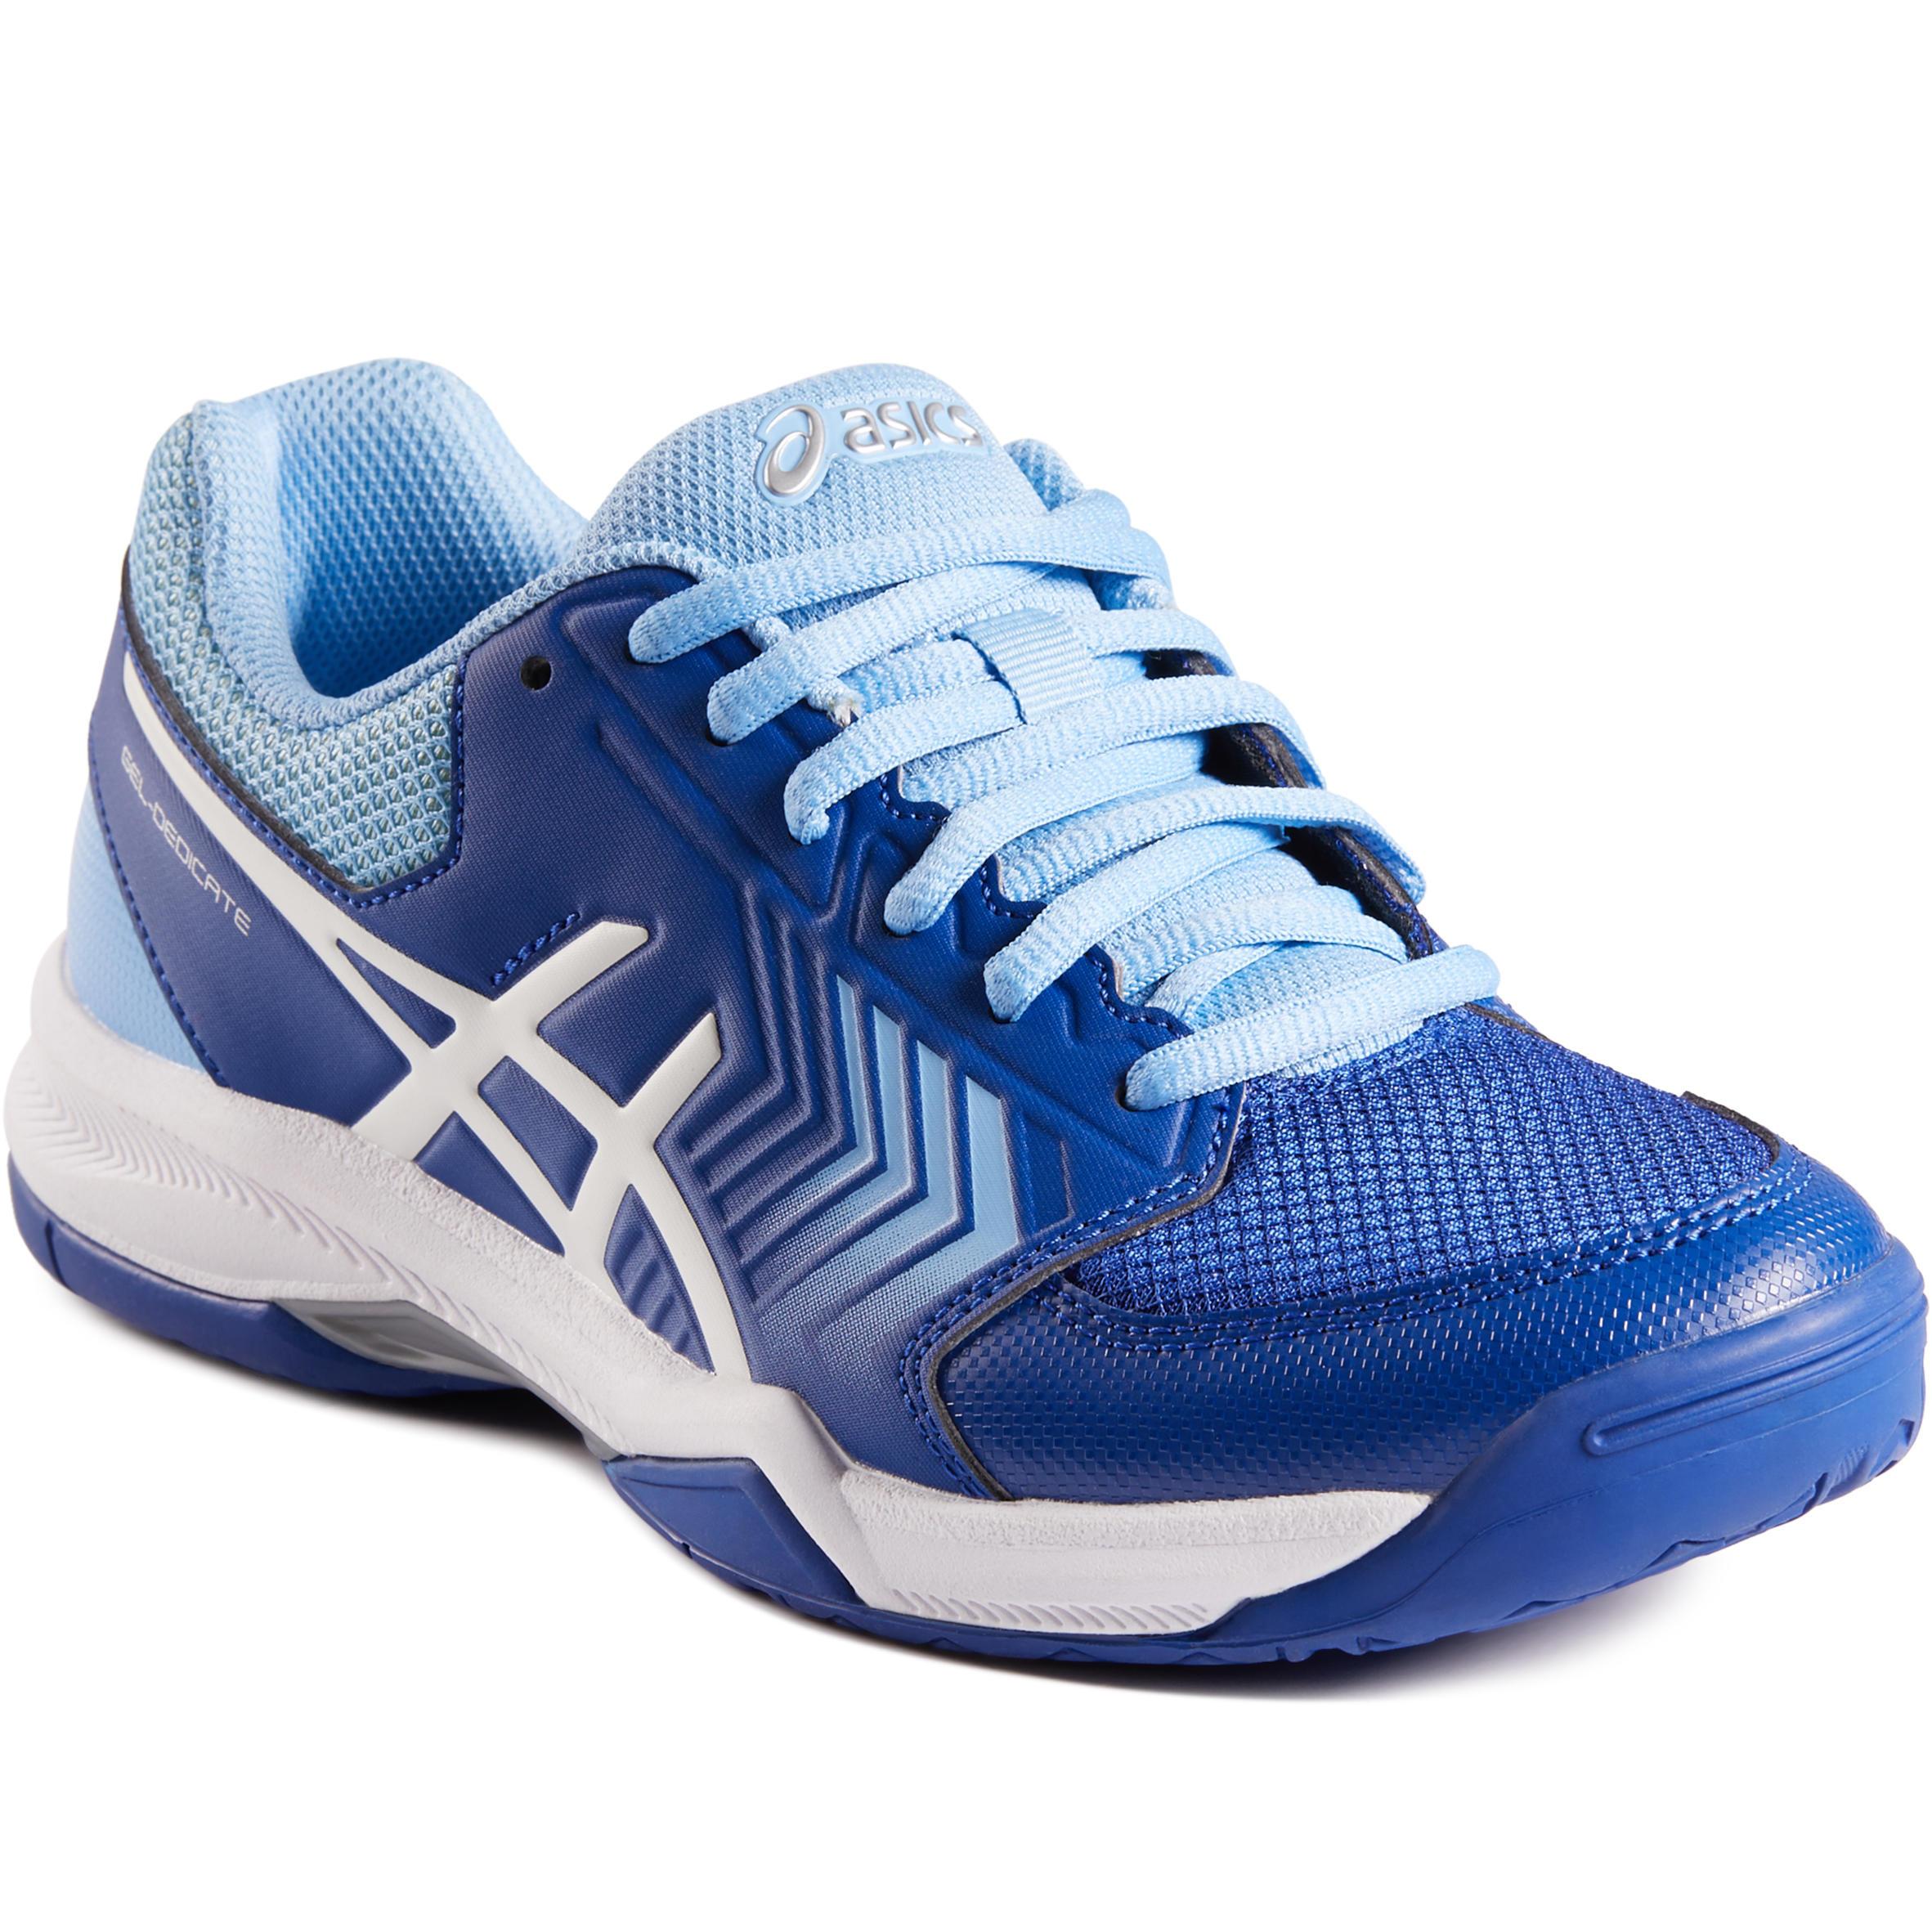 2637197 Asics Tennisschoenen voor dames Asics Gel Dedicate blauw